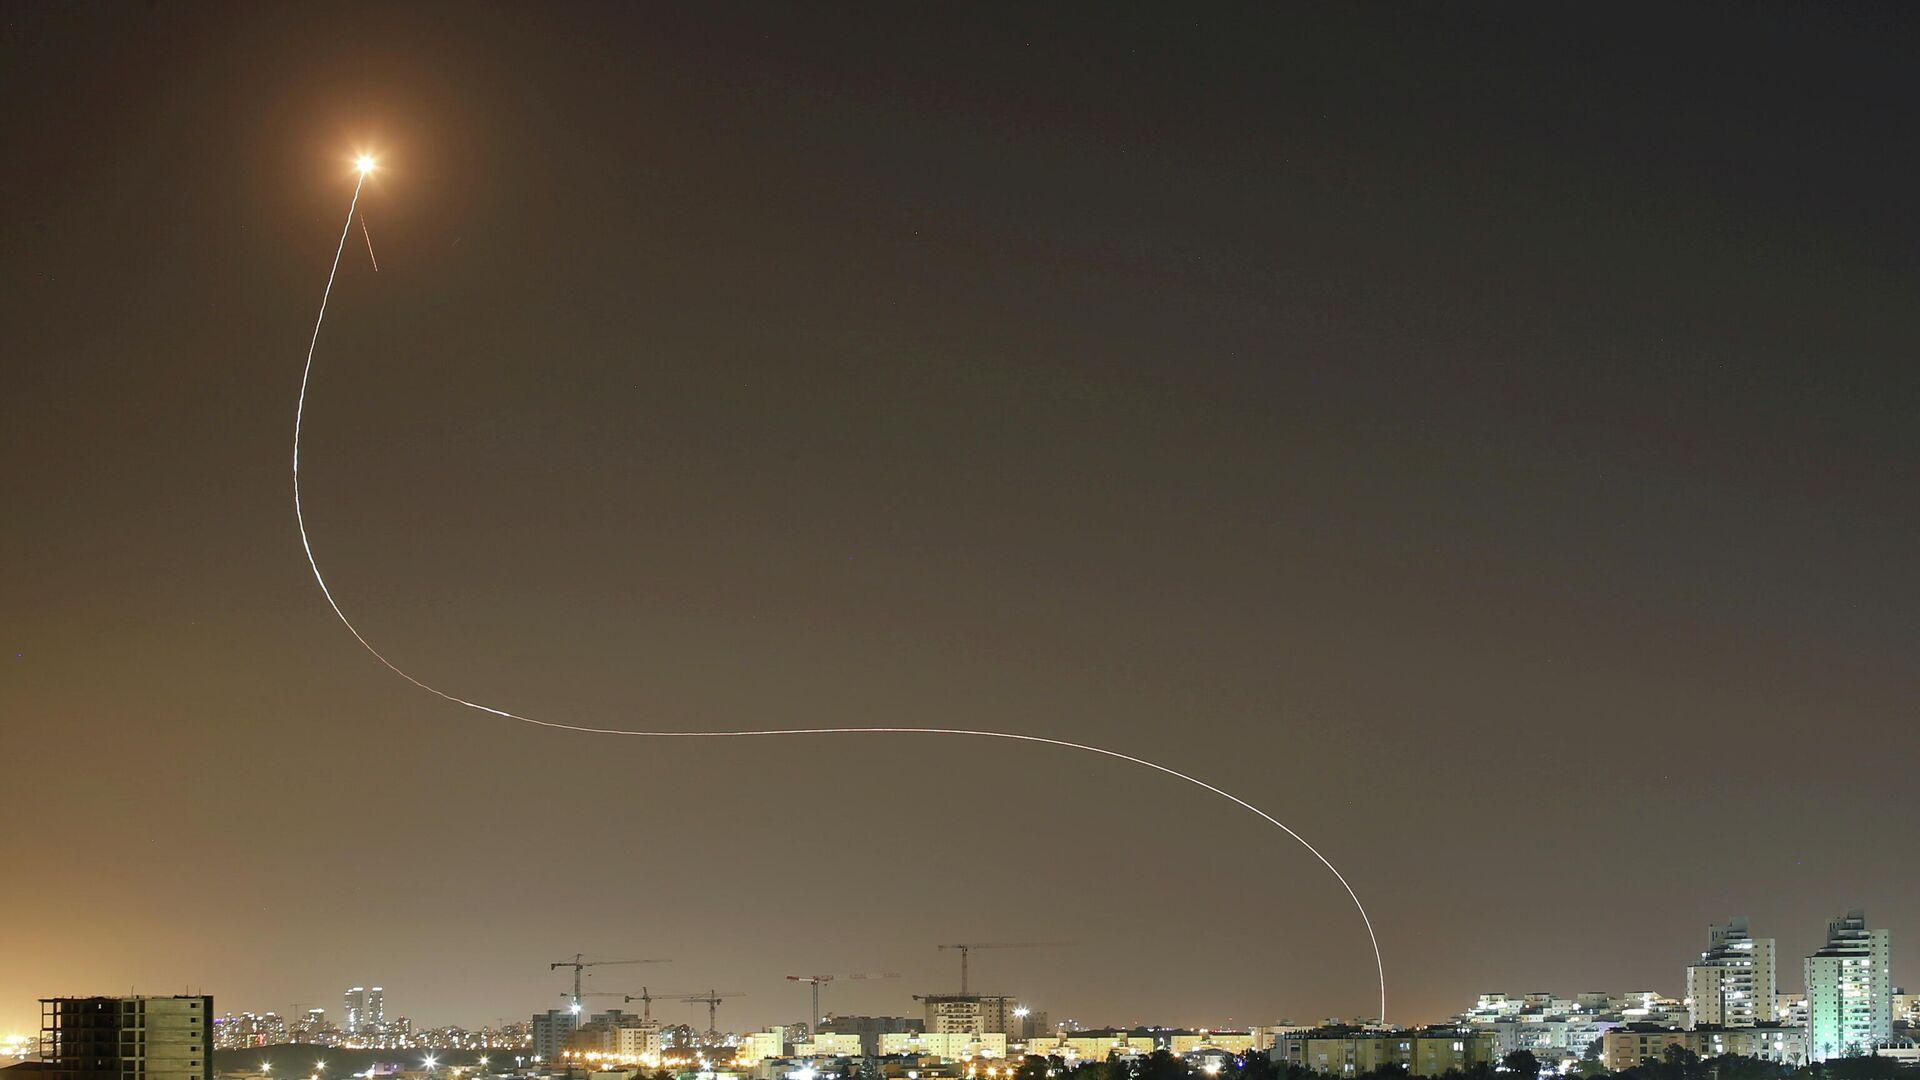 Противоракетная система Железный купол перехватывает ракеты, запущенные из сектора Газа в направлении Израиля - РИА Новости, 1920, 15.05.2021